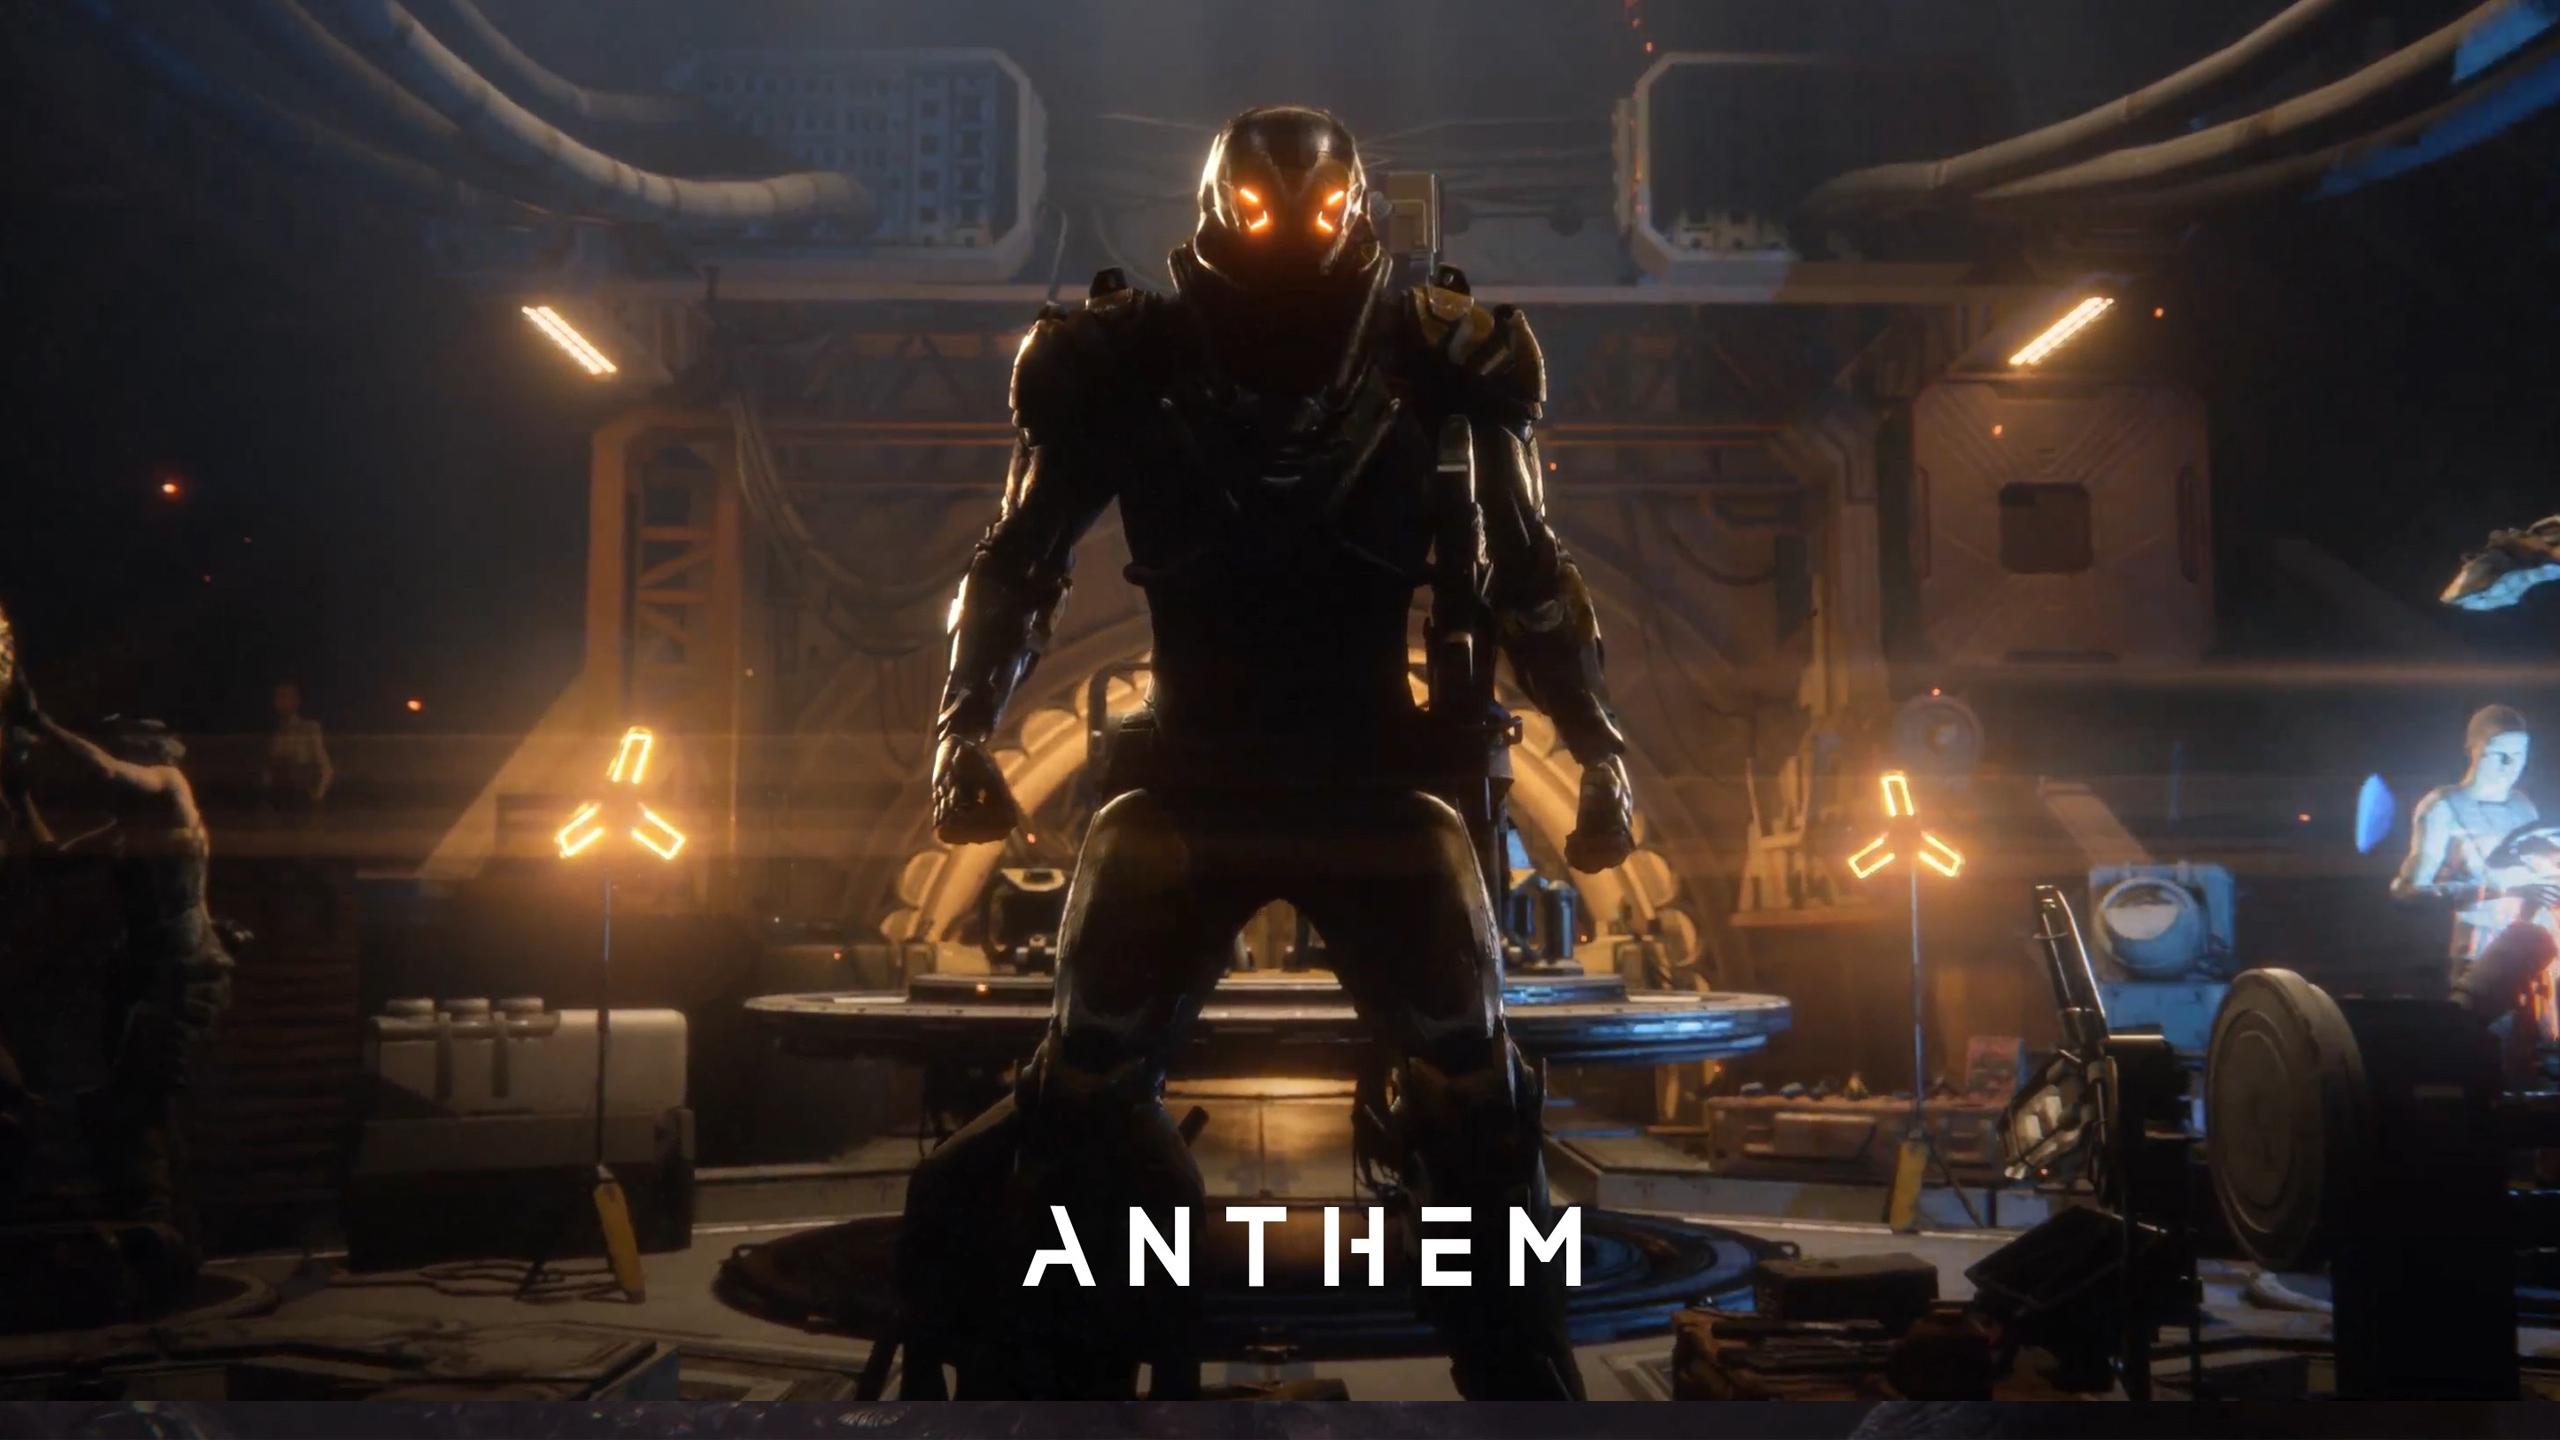 画像大量 Anthemのオシャレでカッコいい壁紙集 その1 Pc用 シンシア エンターテイメント総合情報サイト